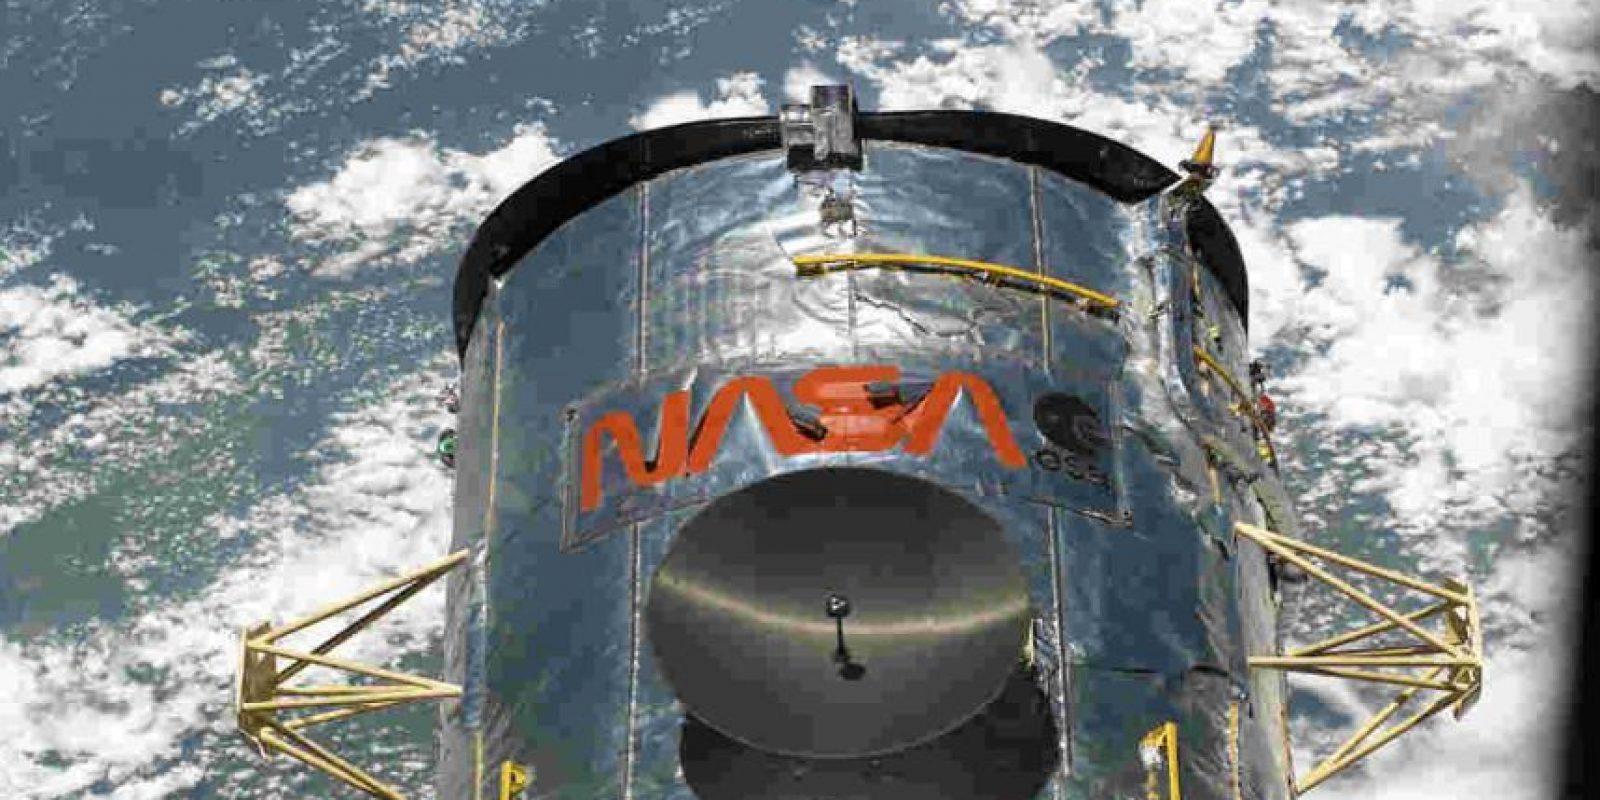 El telescopio Hubble se encuentra situado en los bordes exteriores de la atmósfera terrestre. Foto:Getty Images